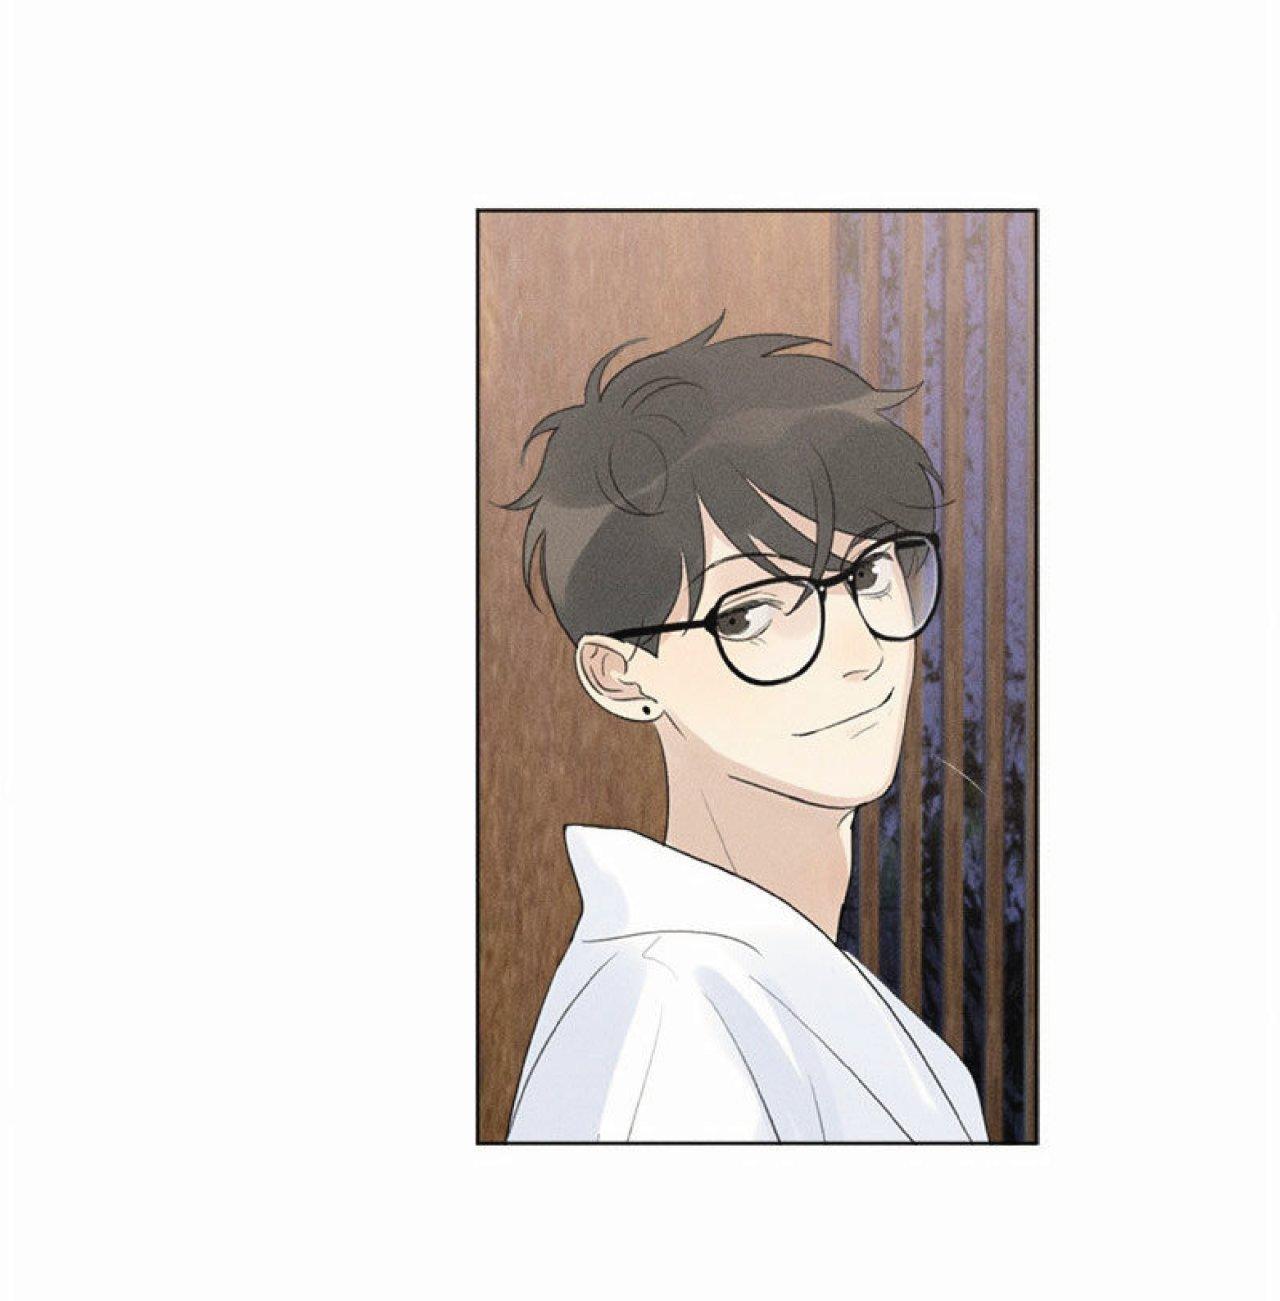 https://nine.mangadogs.com/es_manga/pic8/29/24925/946329/6f0c1bb16491e573170058e03e7b75ed.jpg Page 41